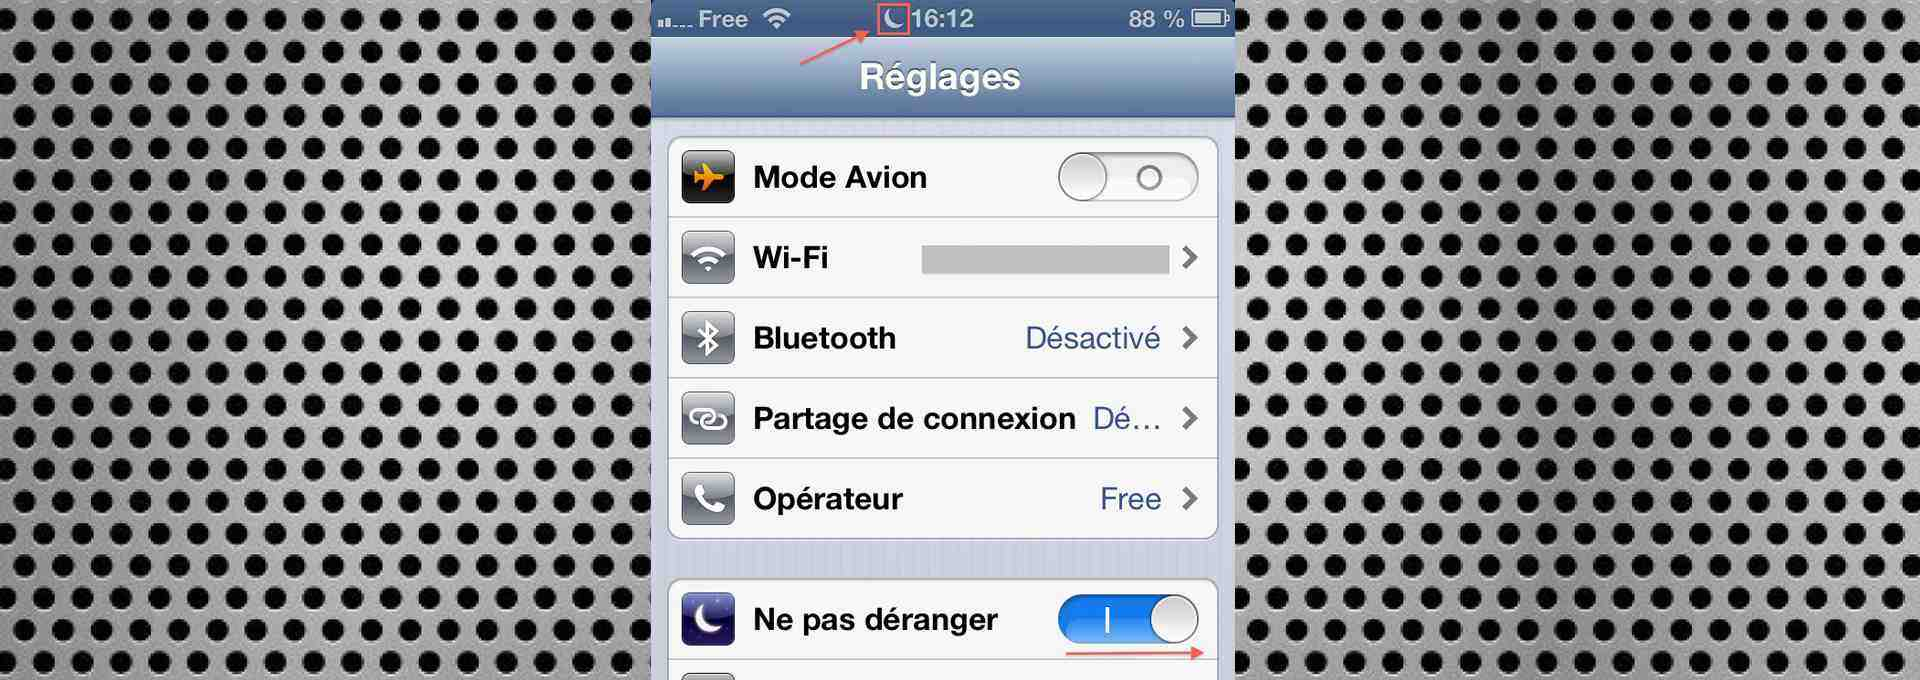 """Comment utiliser la fonction """"Ne pas déranger"""" d'iOS 6 ? (iGenius)"""